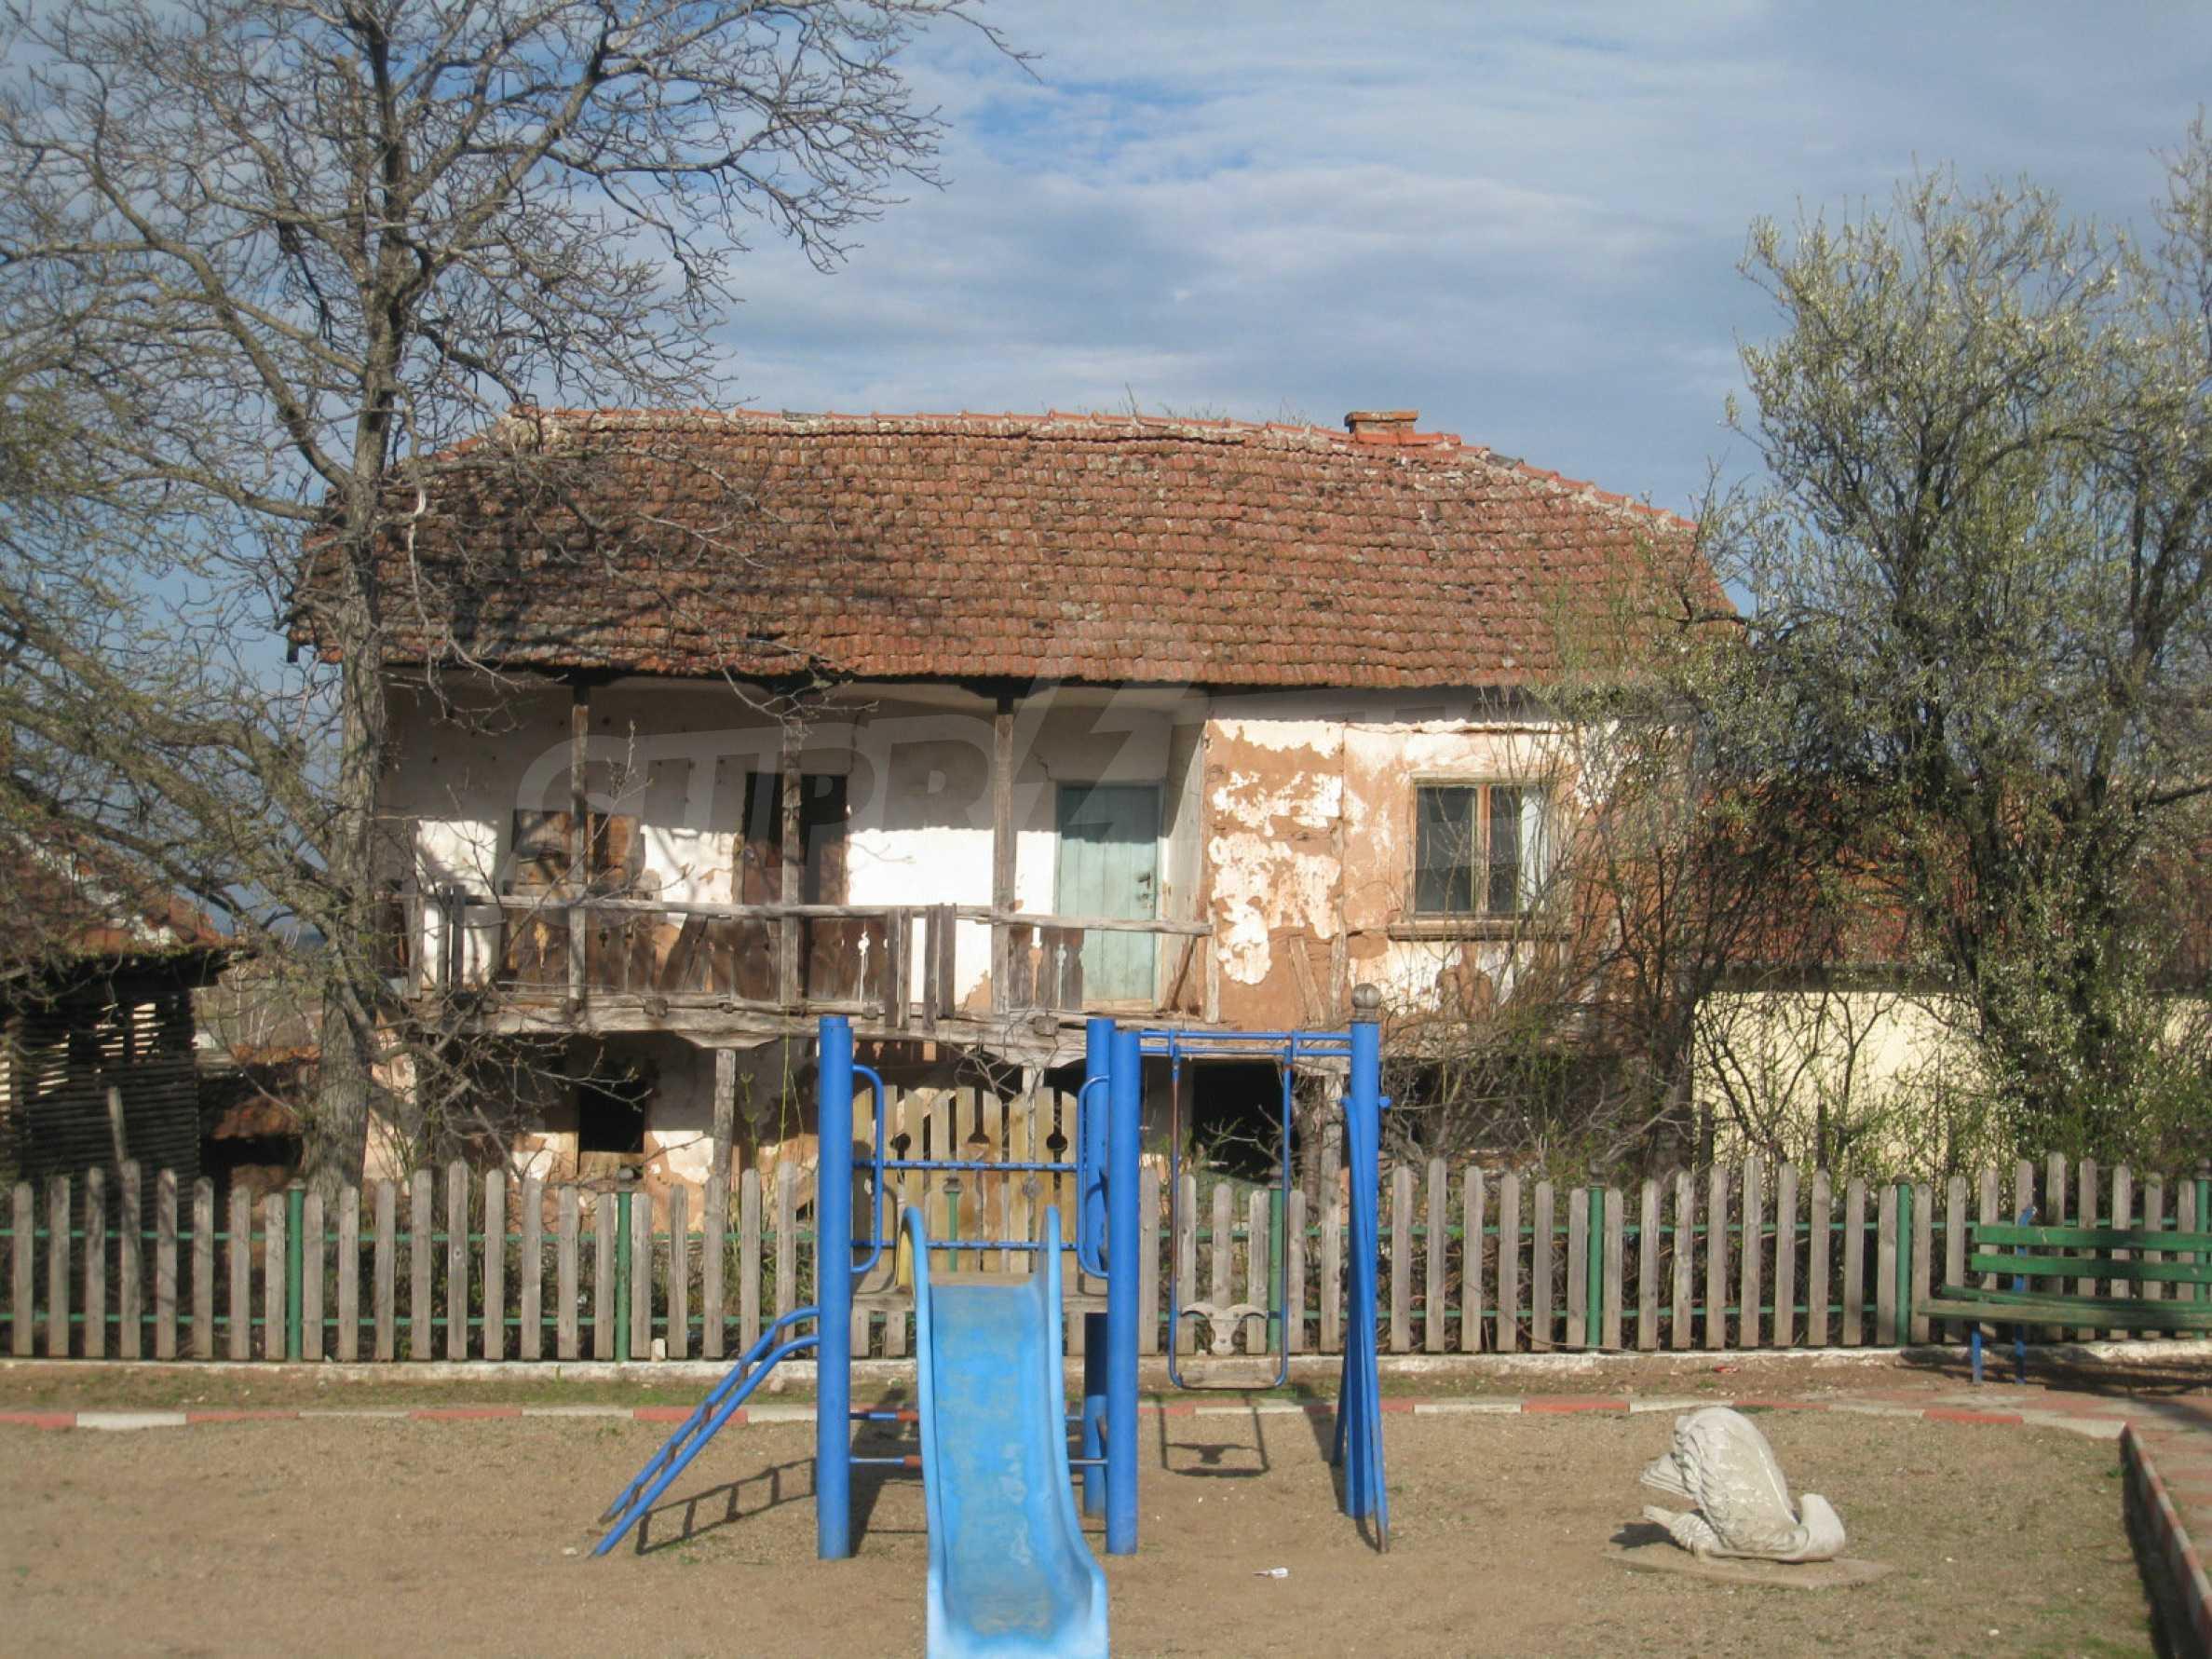 Ein Haus mit einem Garten im Zentrum eines entwickelten Dorfes in der Nähe von Montana 33